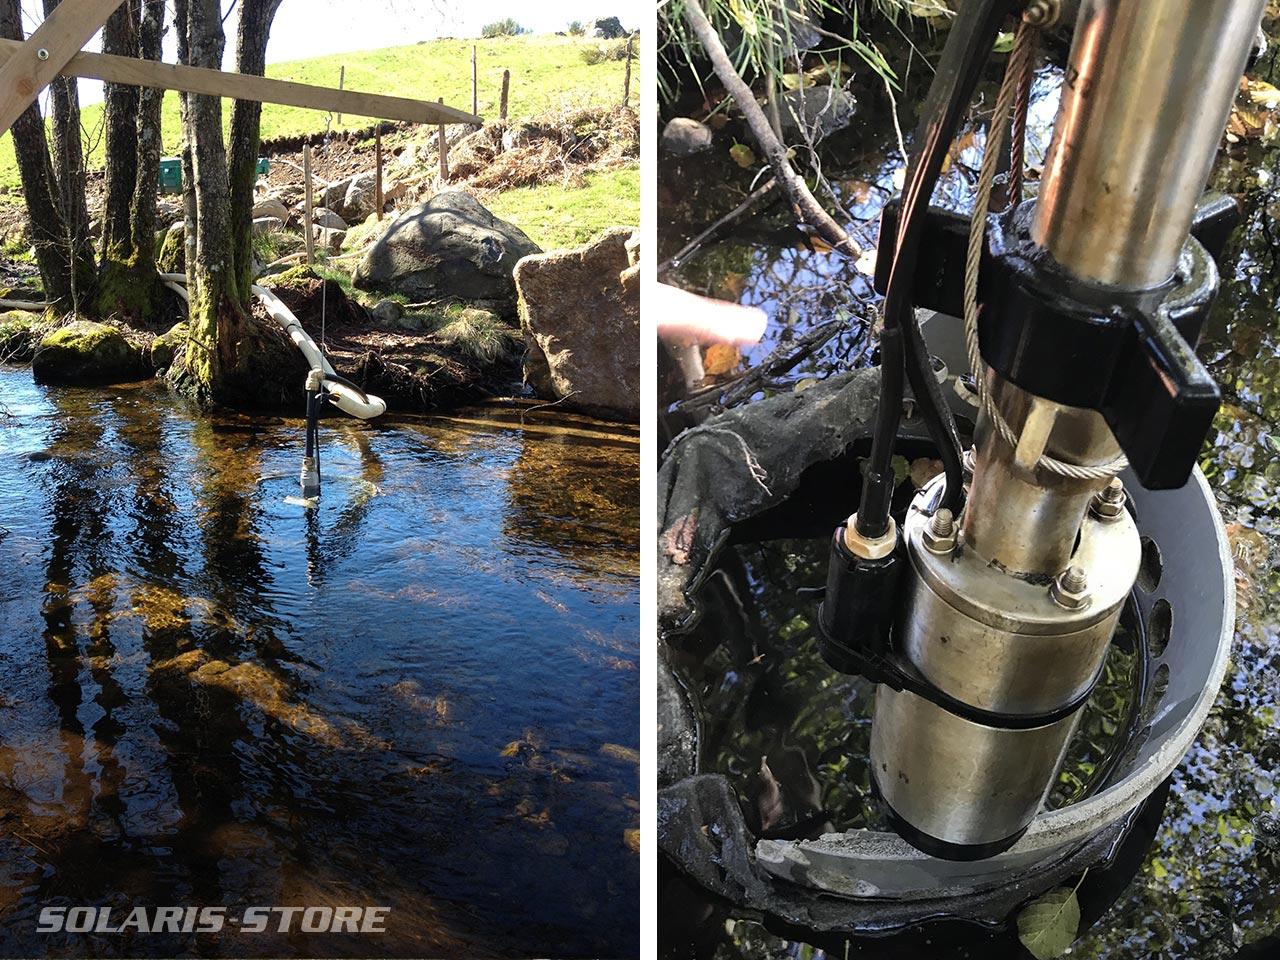 Pompe solaire pour éviter l'accès du bétail à une rivière ou un ruisseau